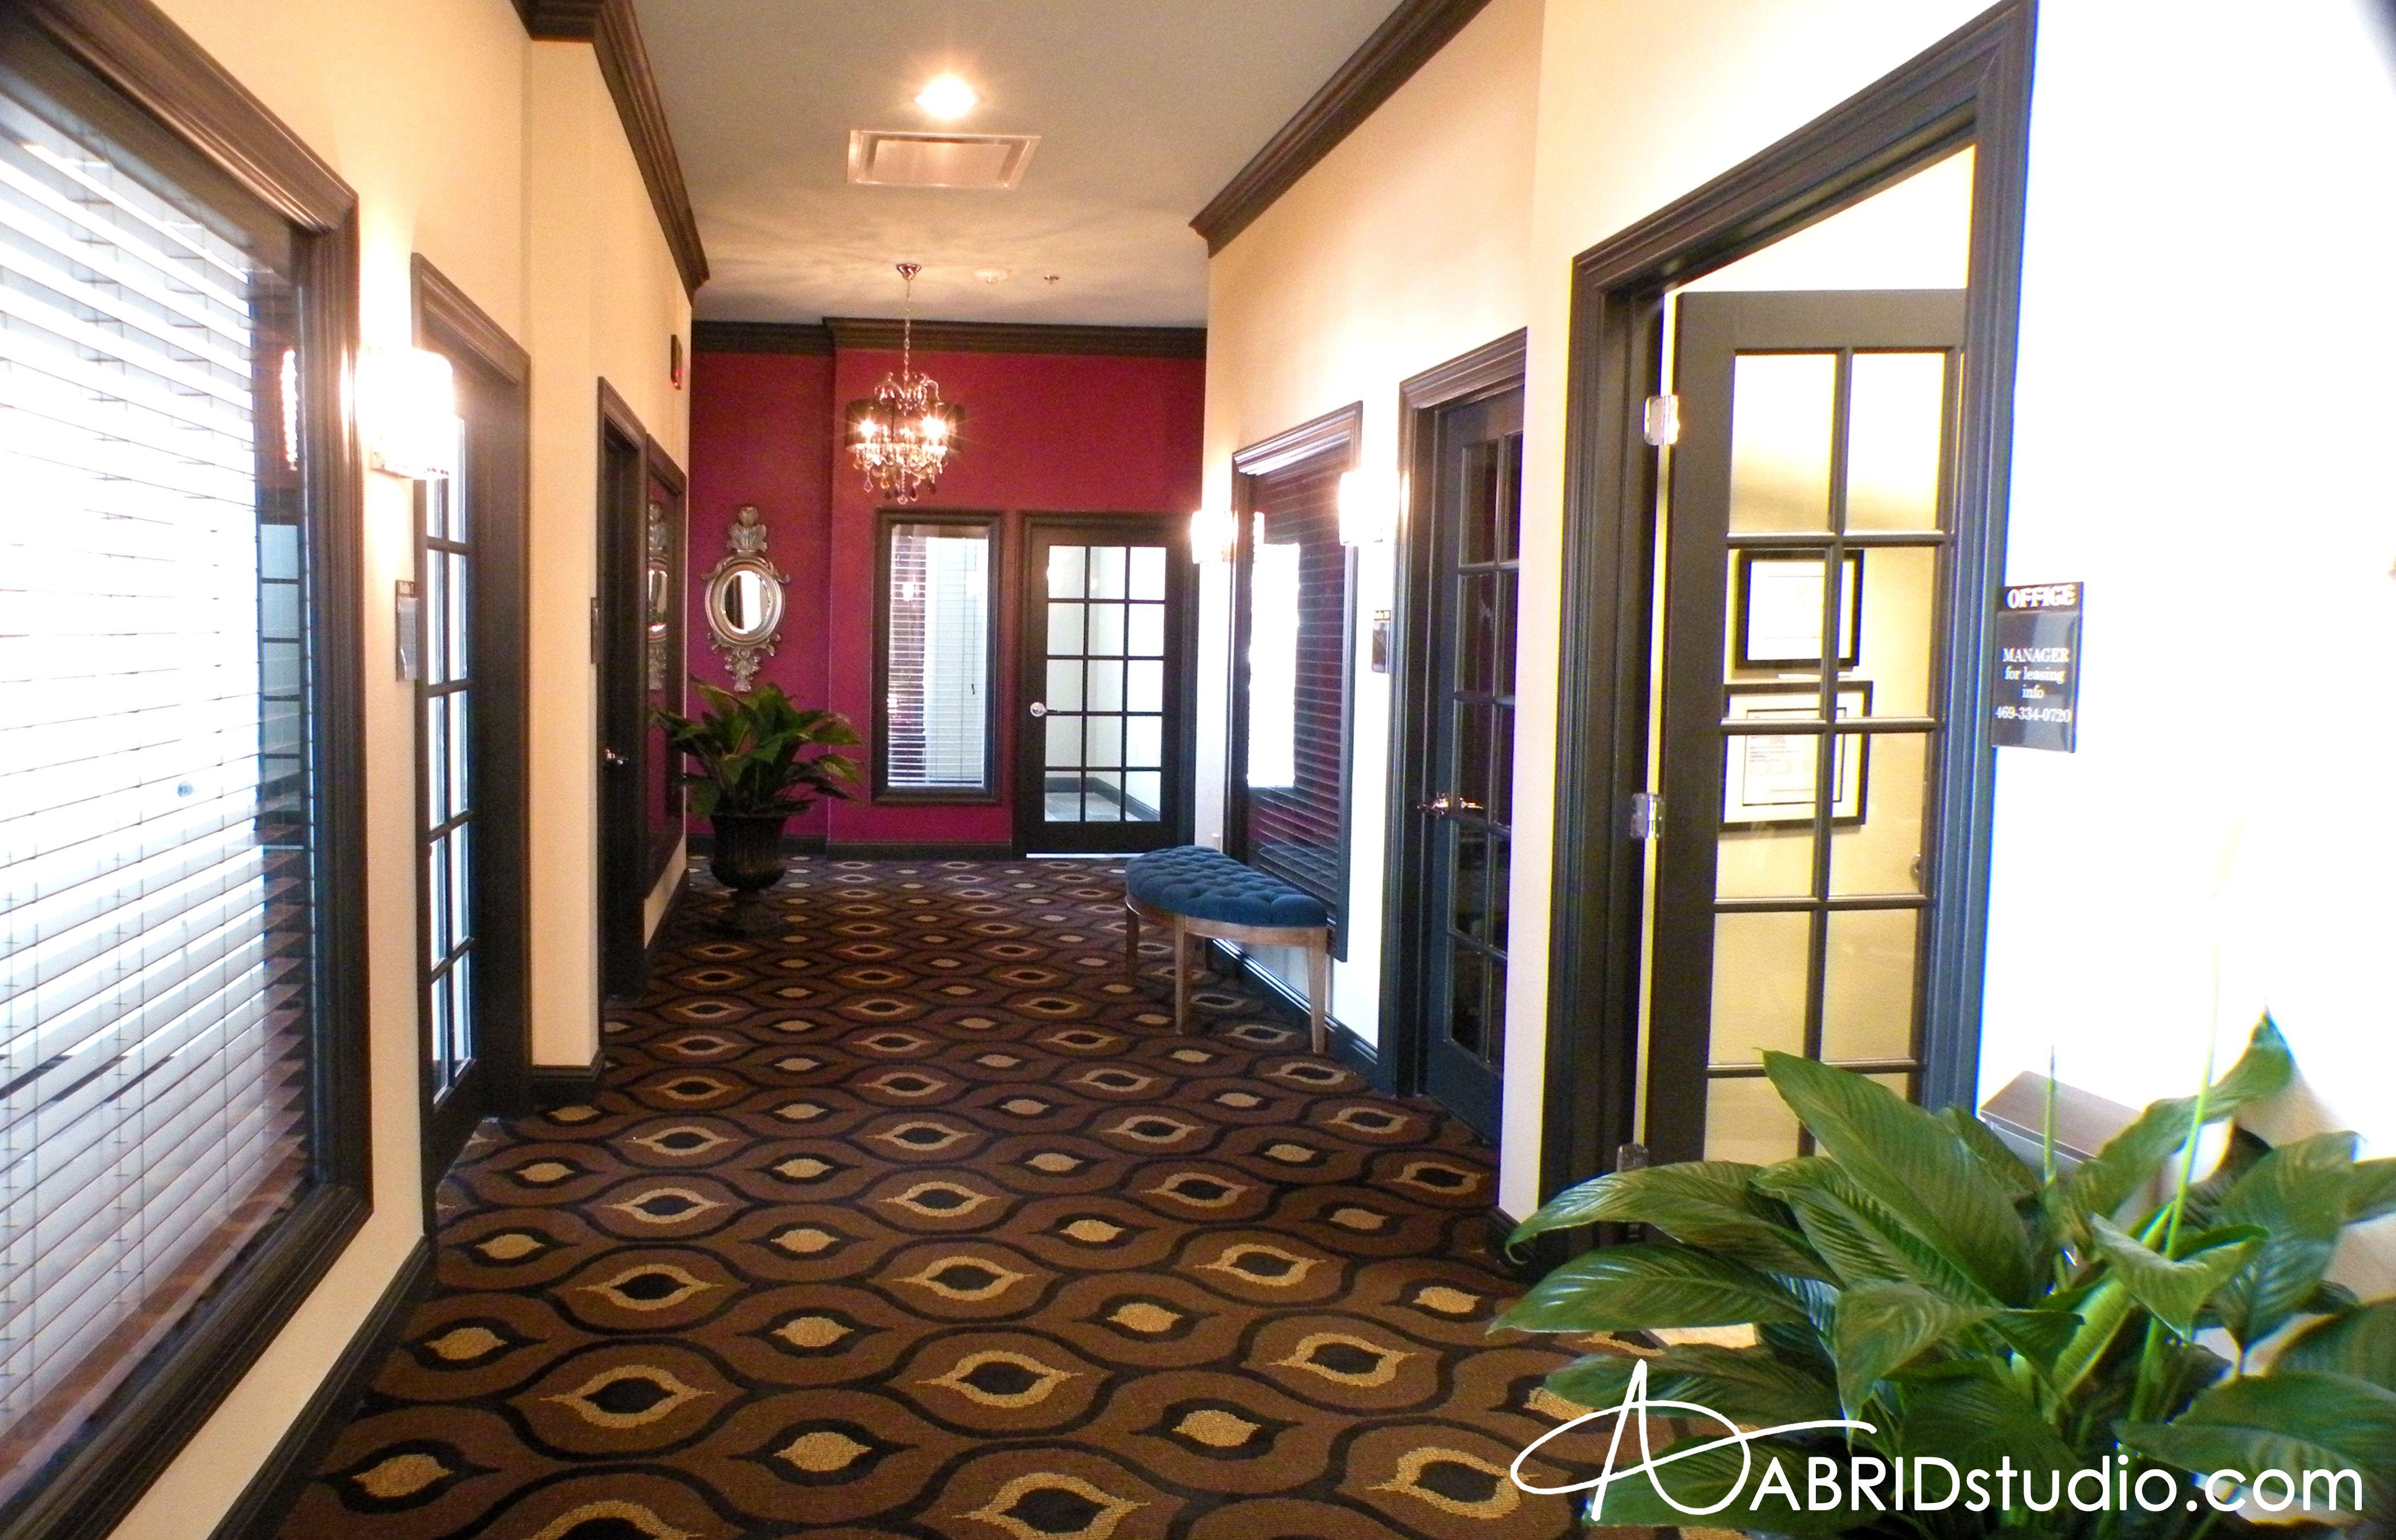 Salon boutique interior design dallas texas by abridstudio - Interior design dallas texas ...